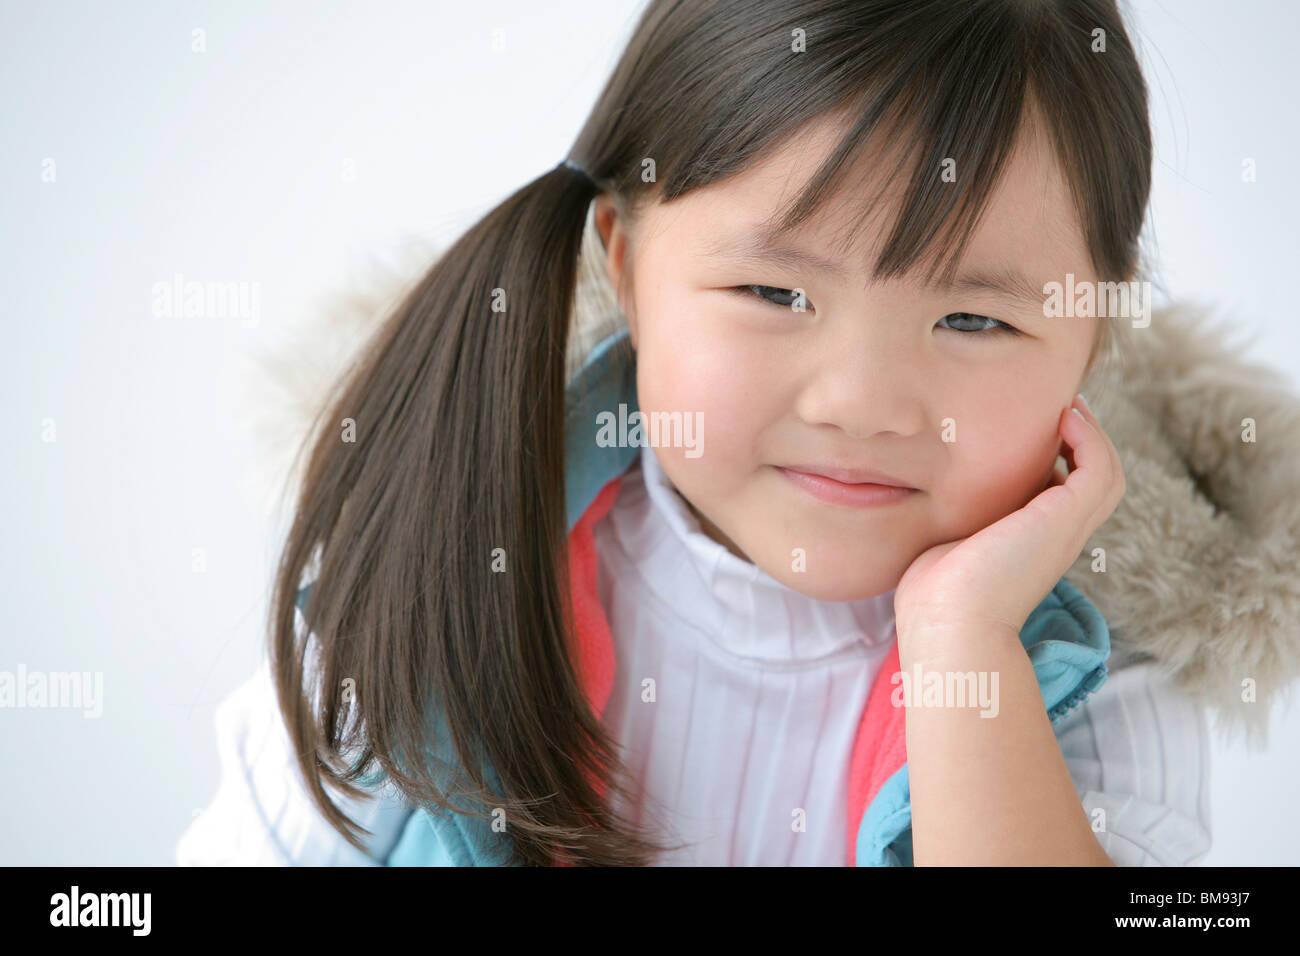 Retrato de una joven Foto de stock